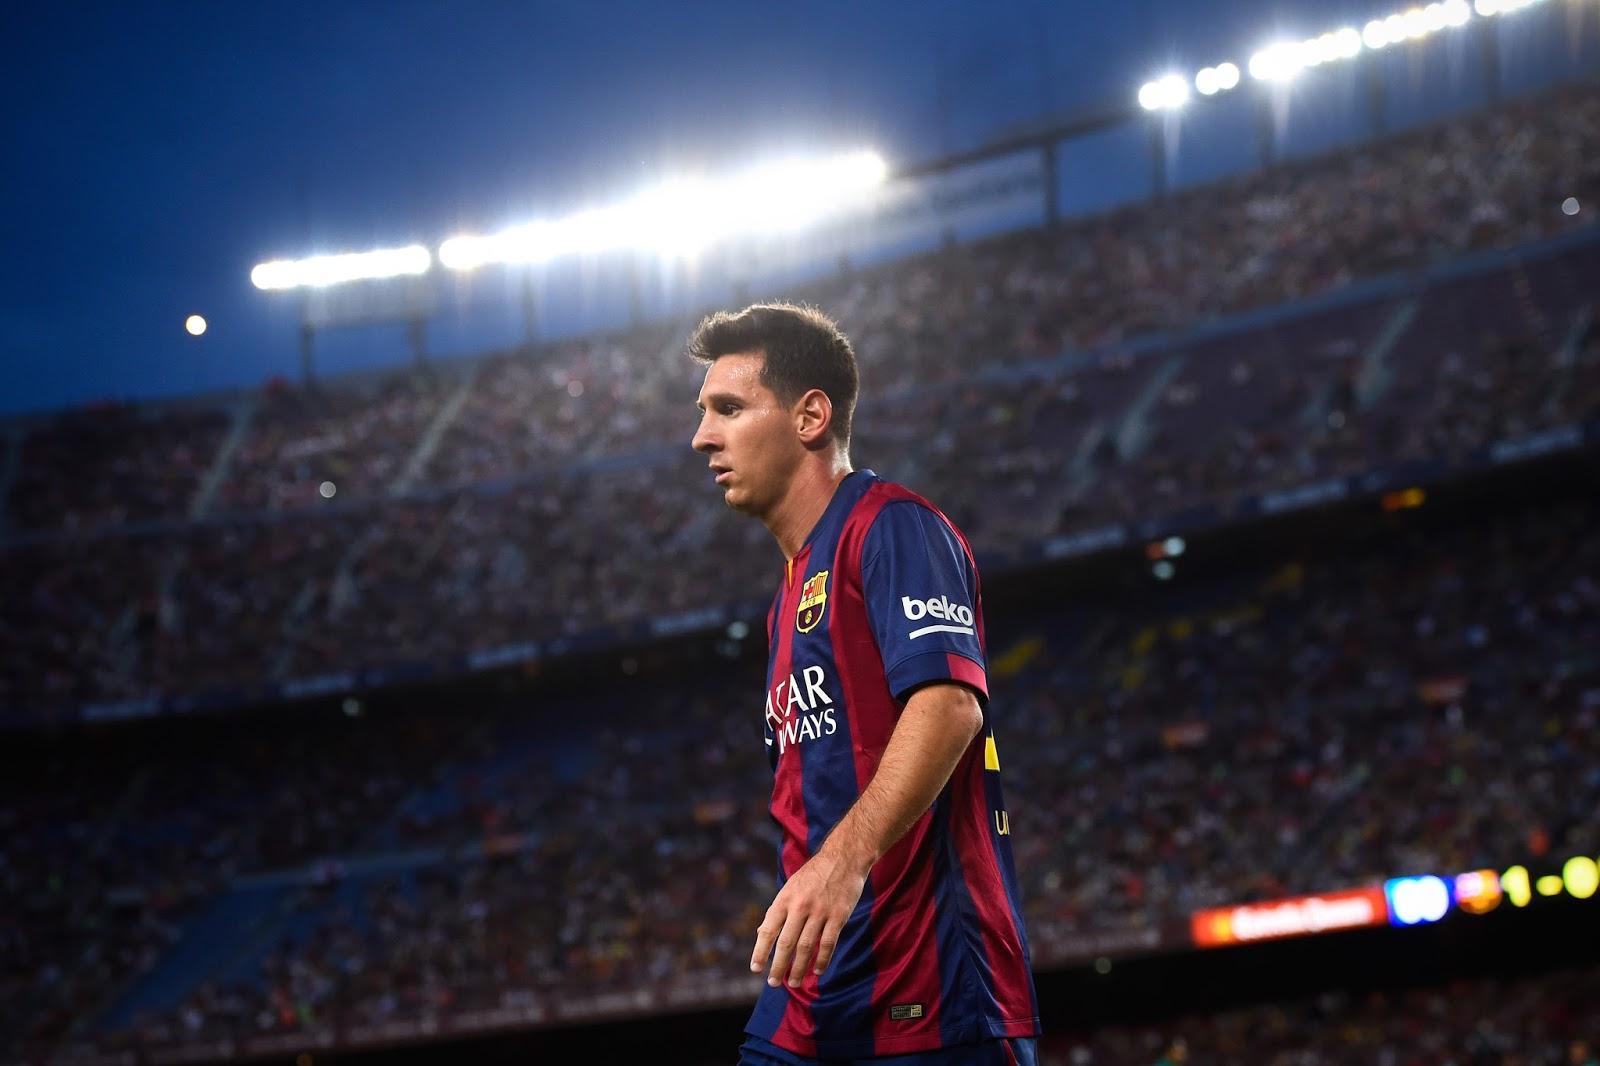 Patada De Caballo Fondos Animados: Patada De Caballo: Messi Fondos De